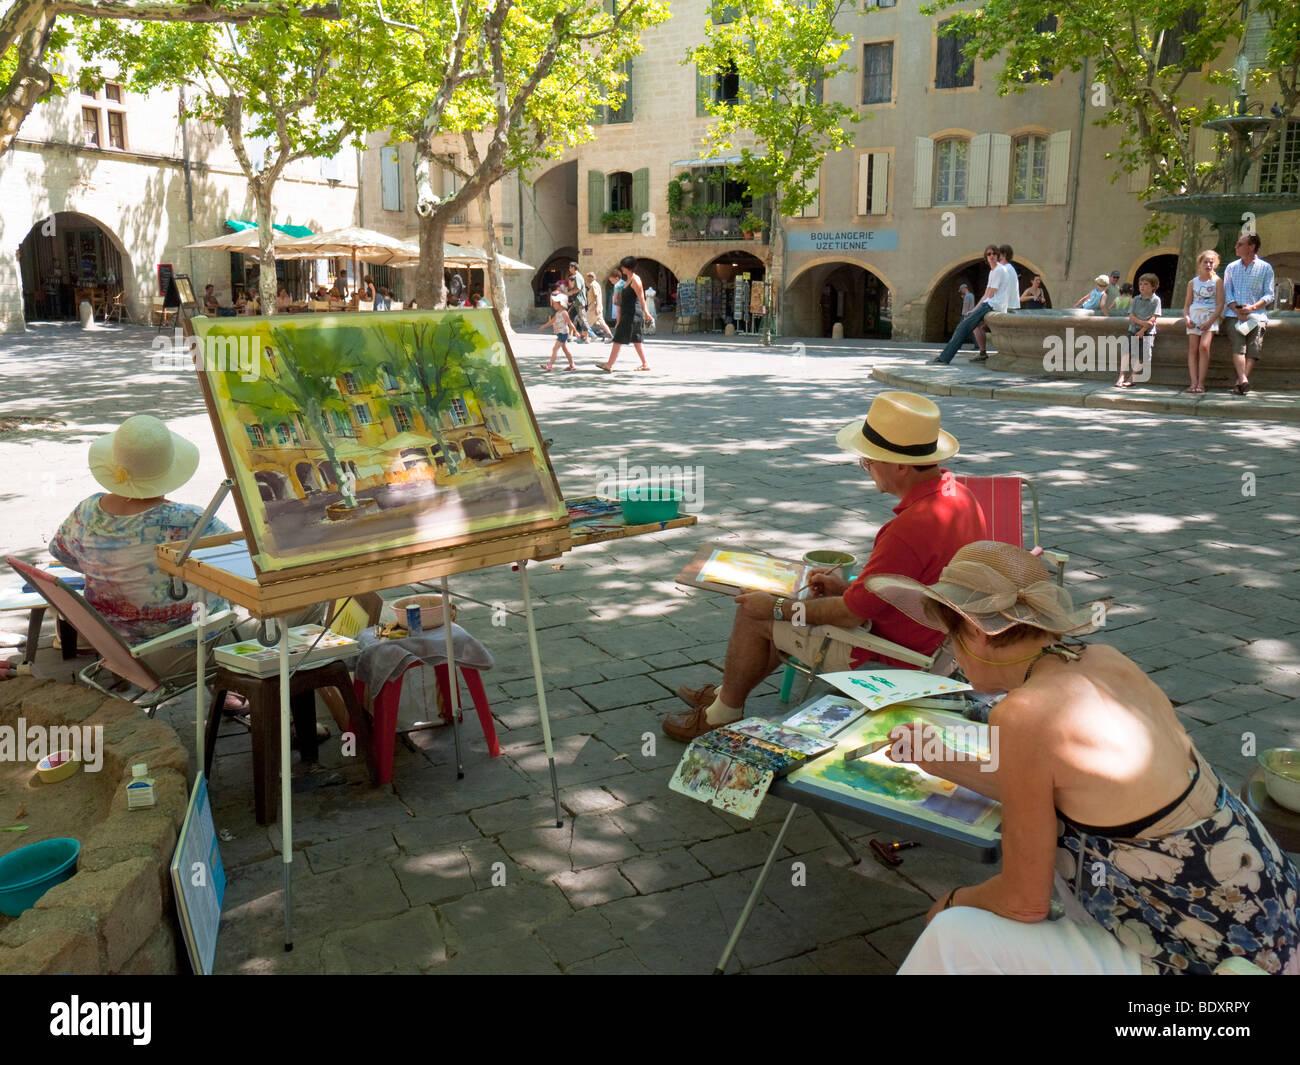 Le travail des peintres amateurs sur la place centrale, Place aux Herbes à Uzès, dans le sud de la France. Photo Stock